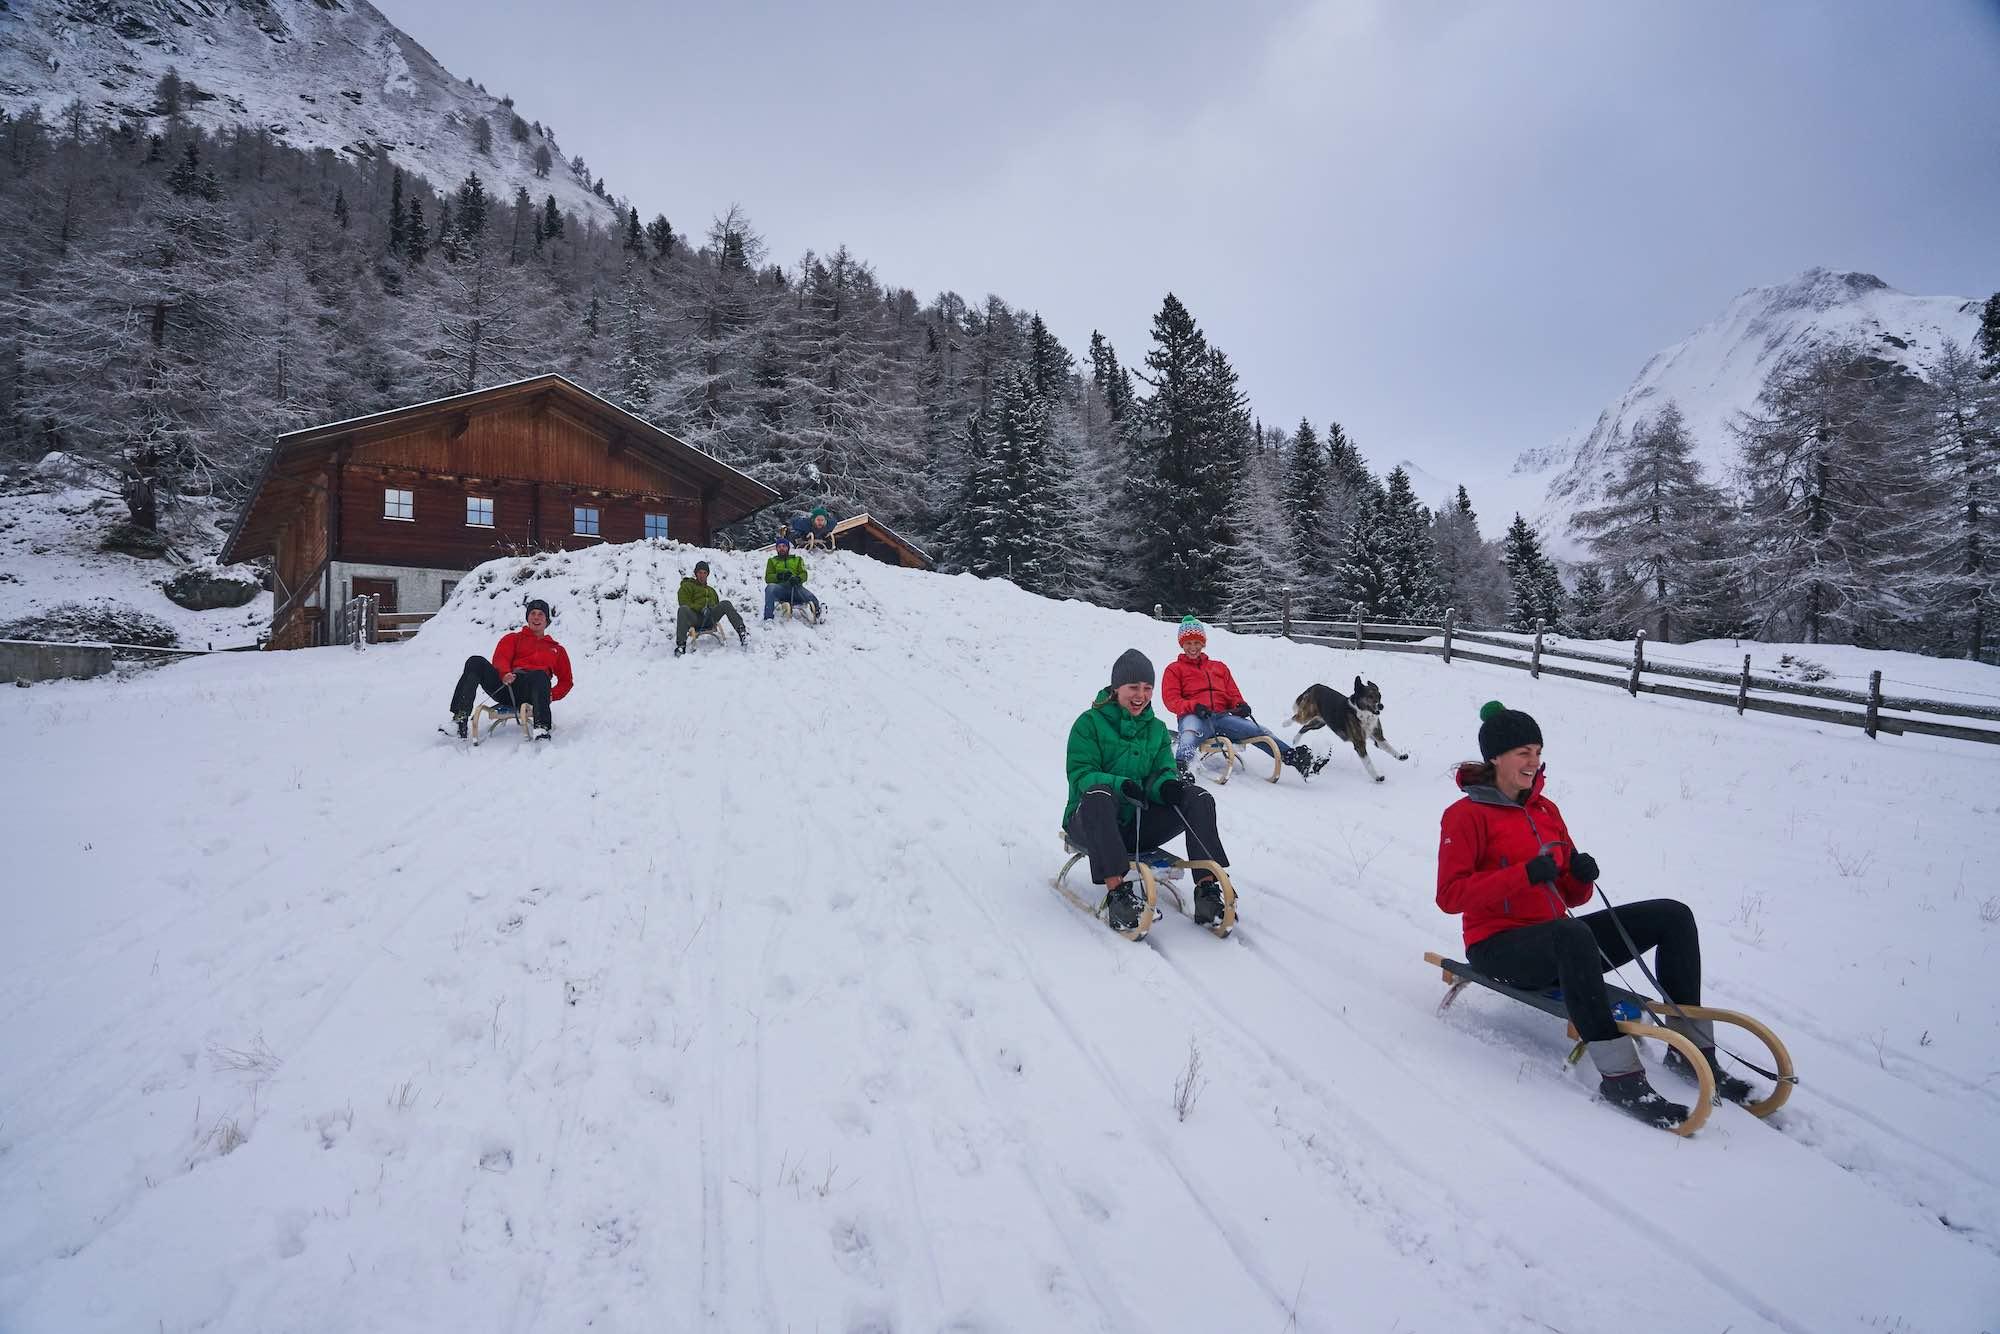 Toboggan race in the Austrian Alps